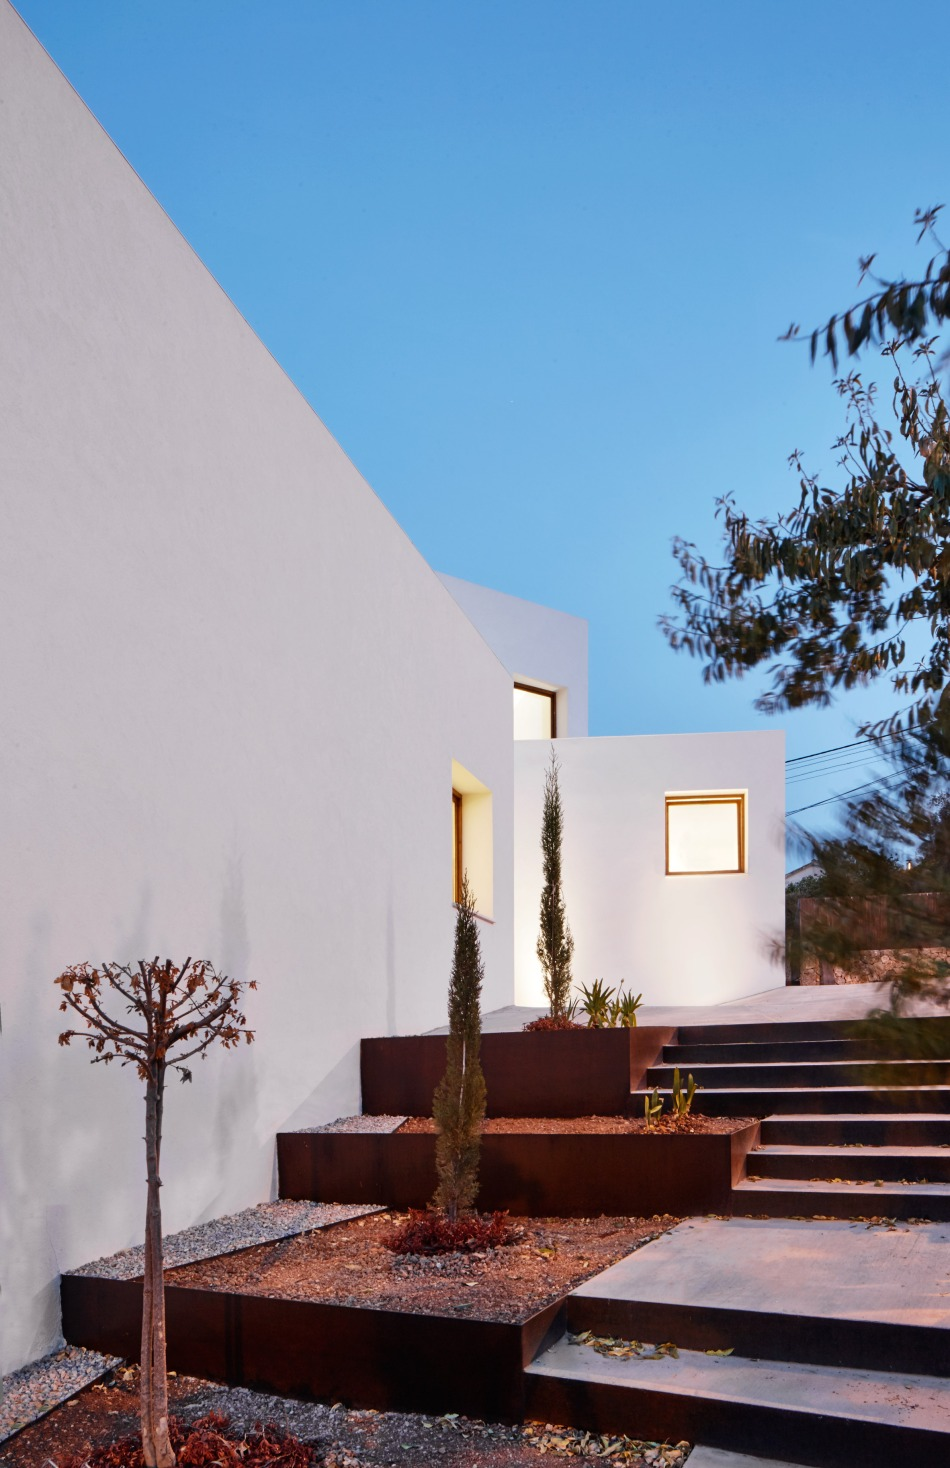 mm-house-oliver-hernaiz-architecture-lab-palma-de-mallorca-spain_dezeen_2364_col_3